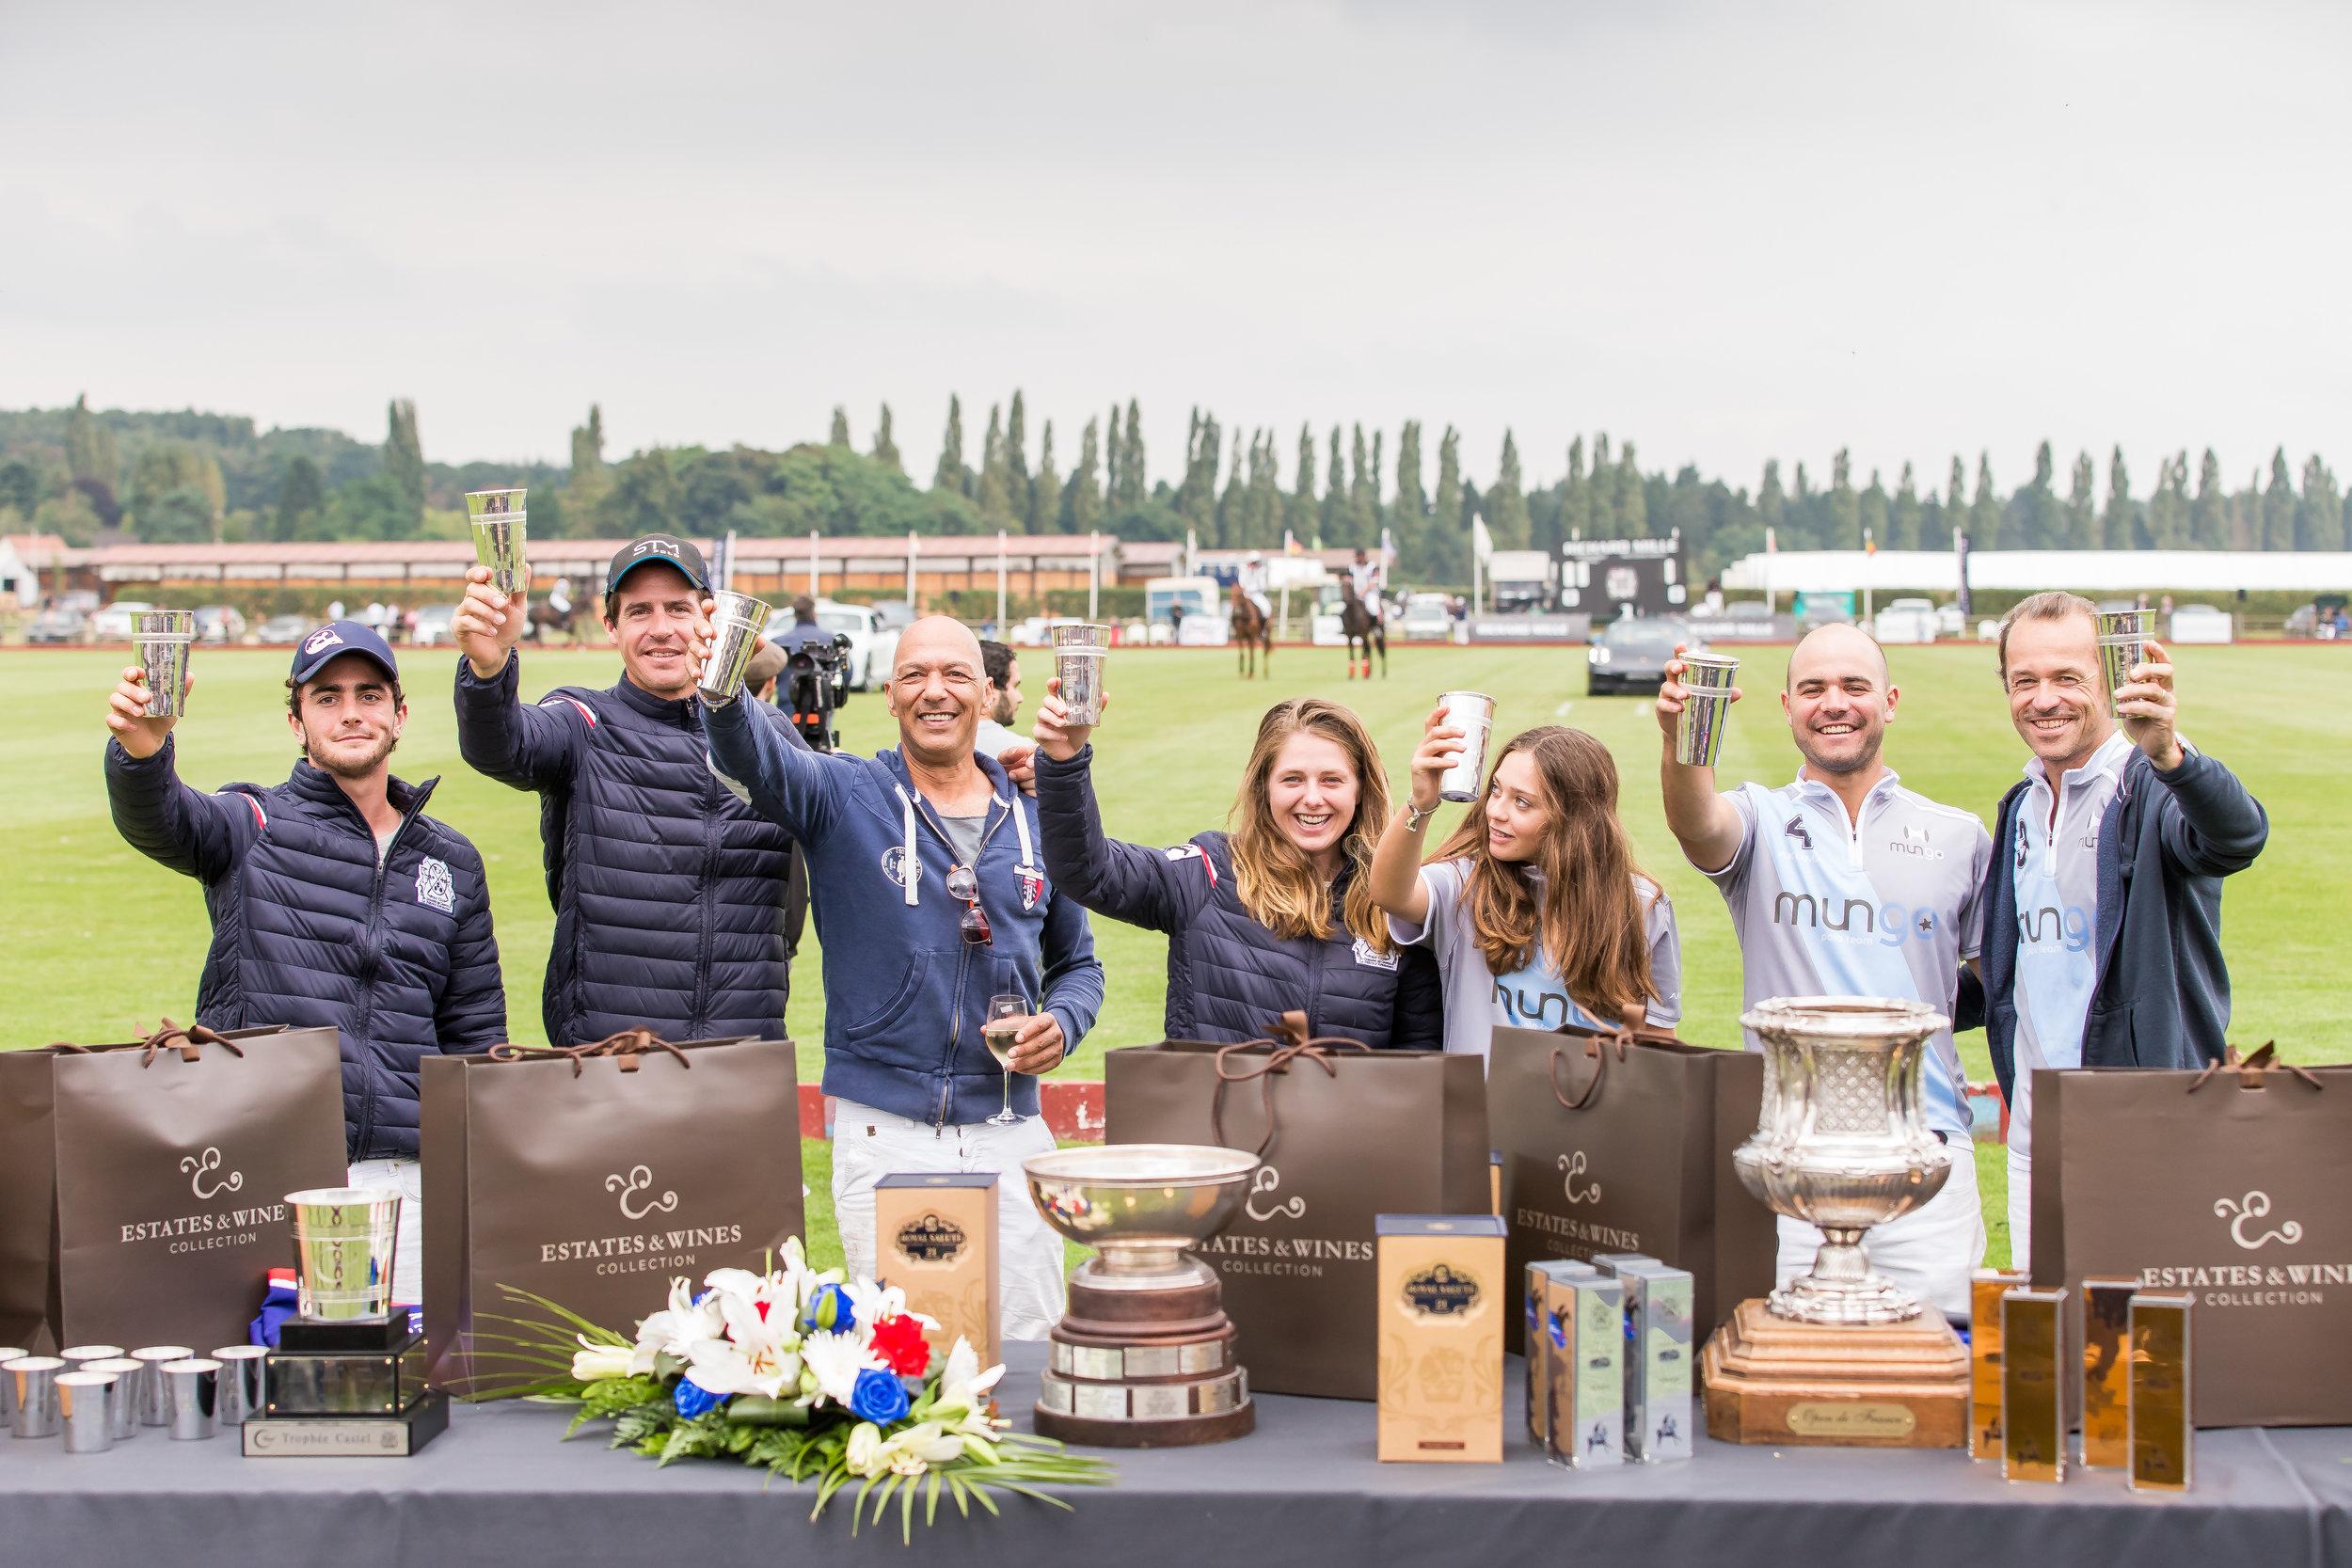 Remise de prix au Polo Club du Domaine de Chantilly  Prize-giving ceremony at Chantilly Polo Club